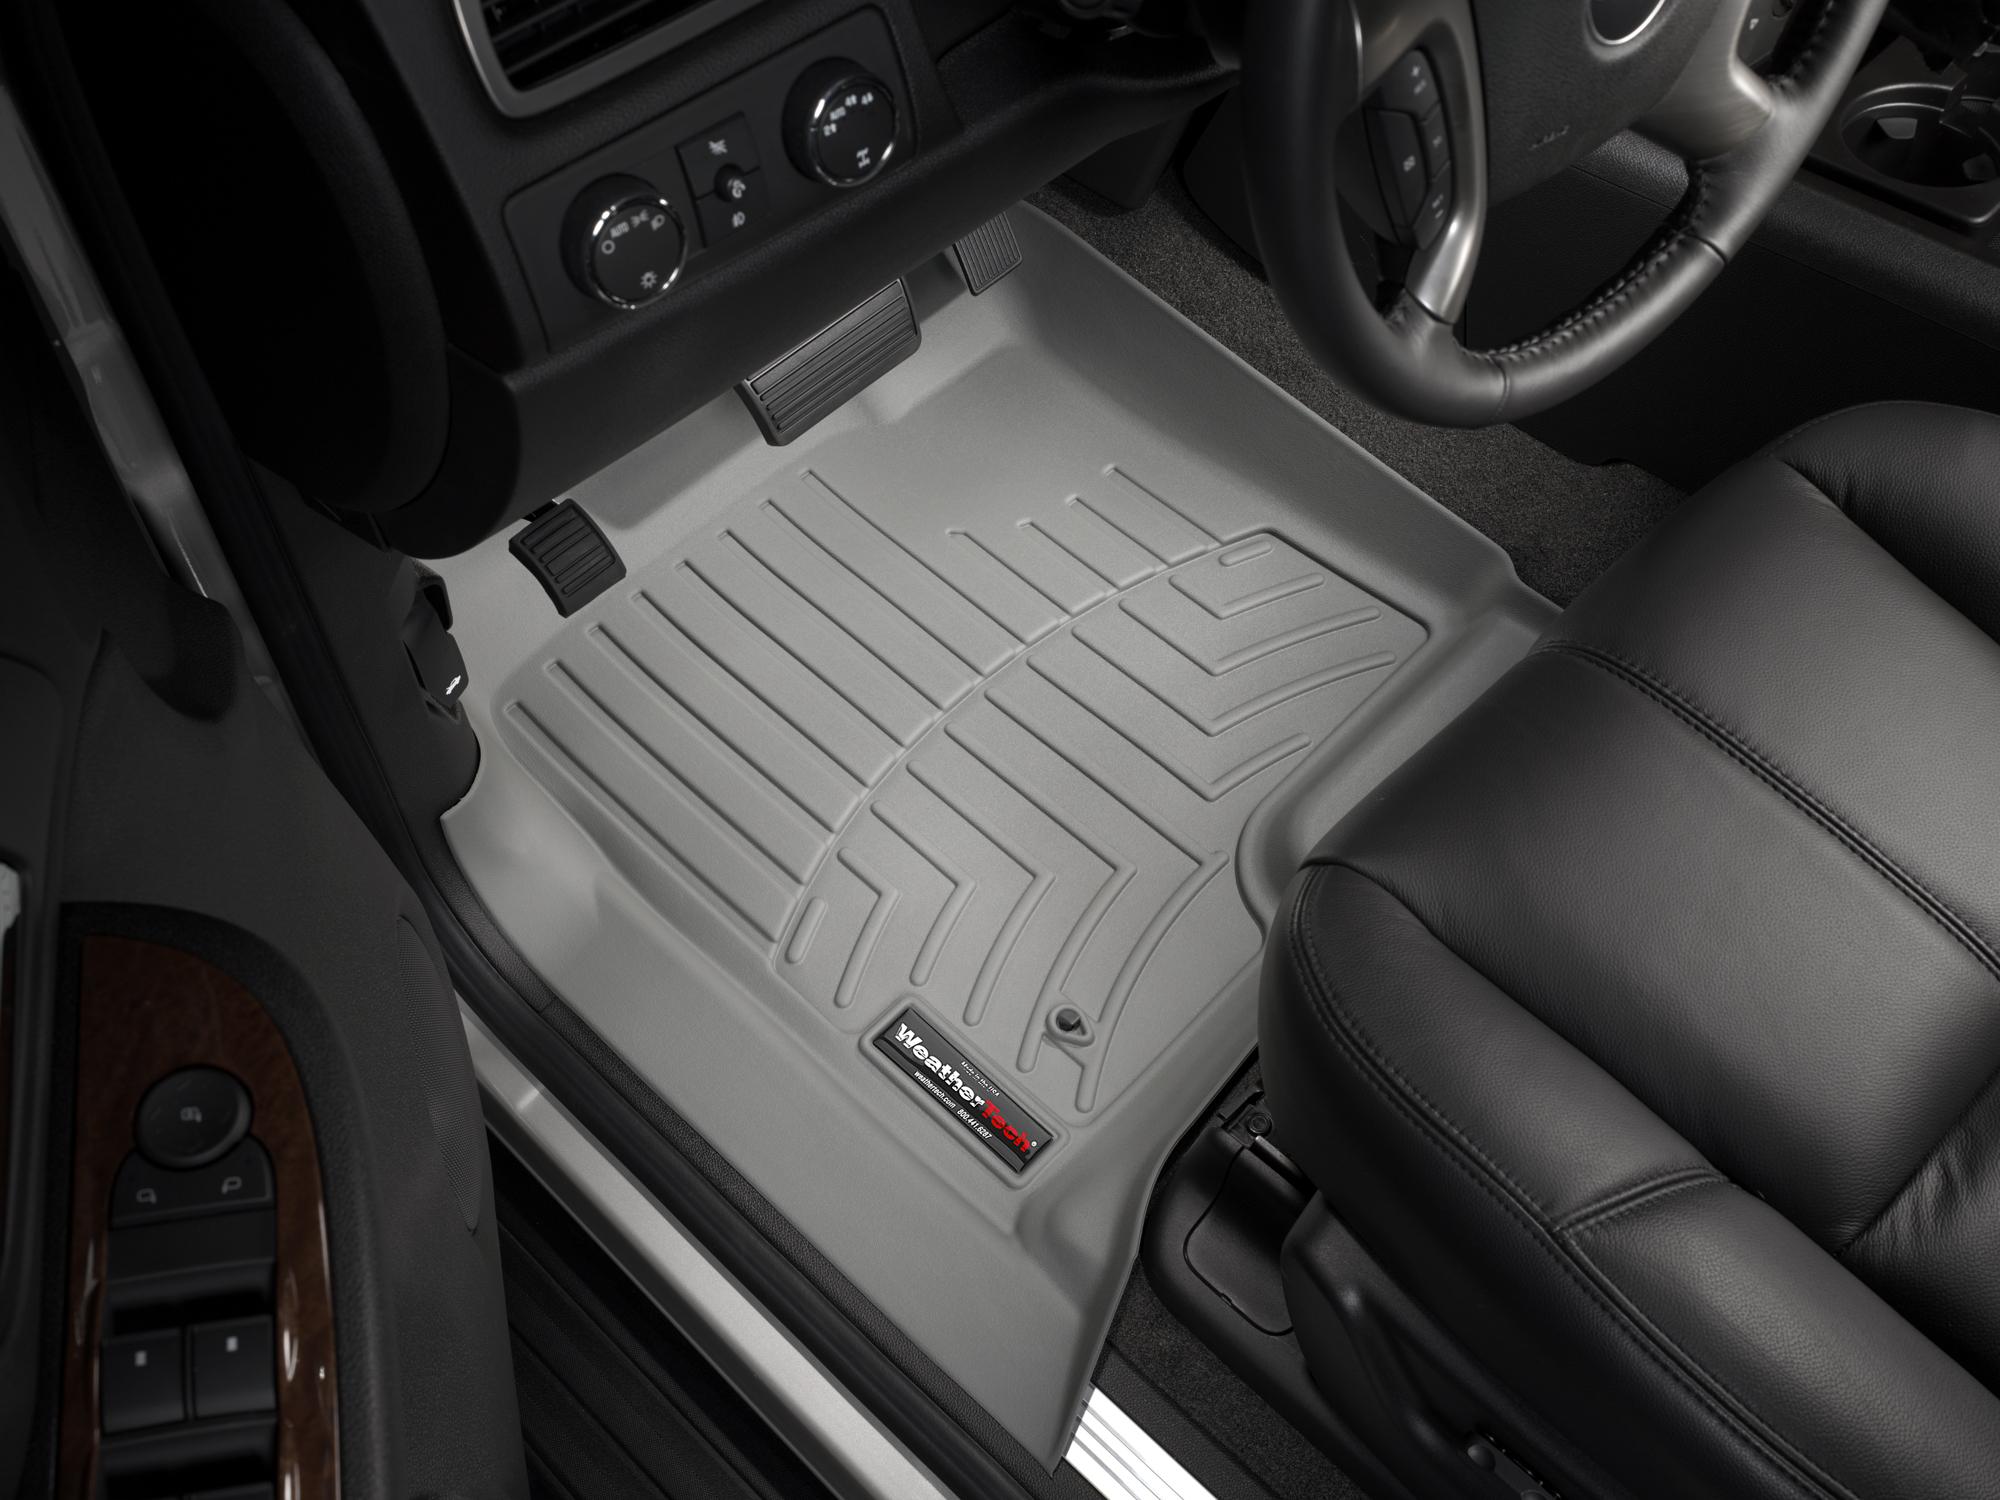 Tappeti gomma su misura bordo alto Chevrolet Silverado 14>14 Grigio A182